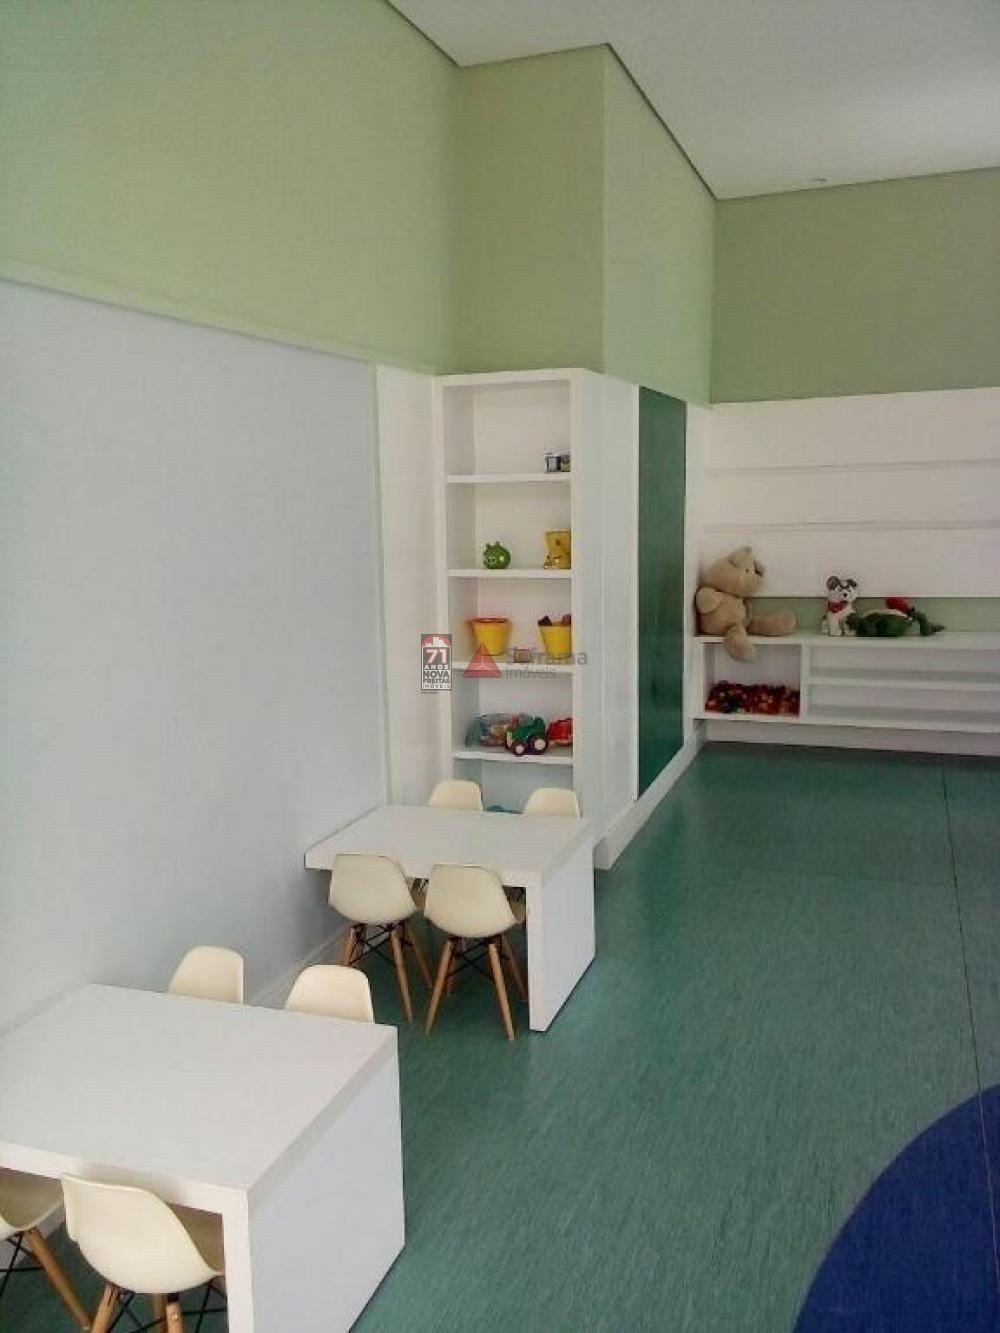 Comprar Apartamento / Padrão em São José dos Campos apenas R$ 315.000,00 - Foto 28